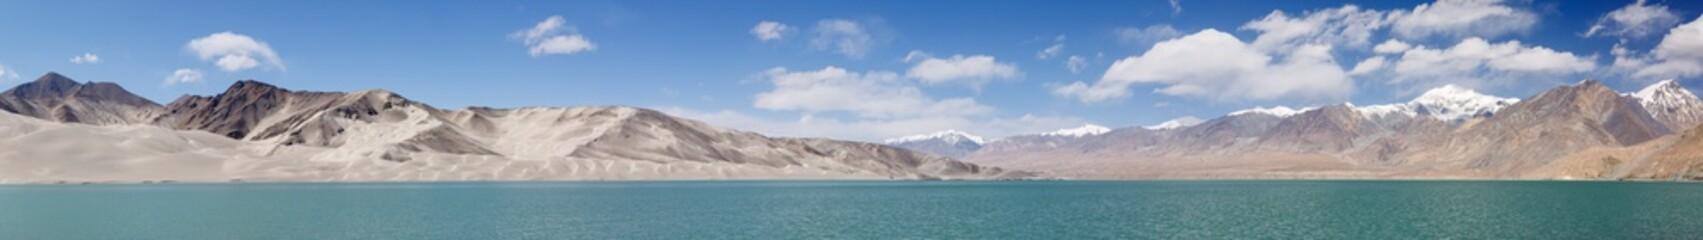 Mega panorama of sand dunes at Bulunkou River (Karakorum Highway, Xinjiang, China)